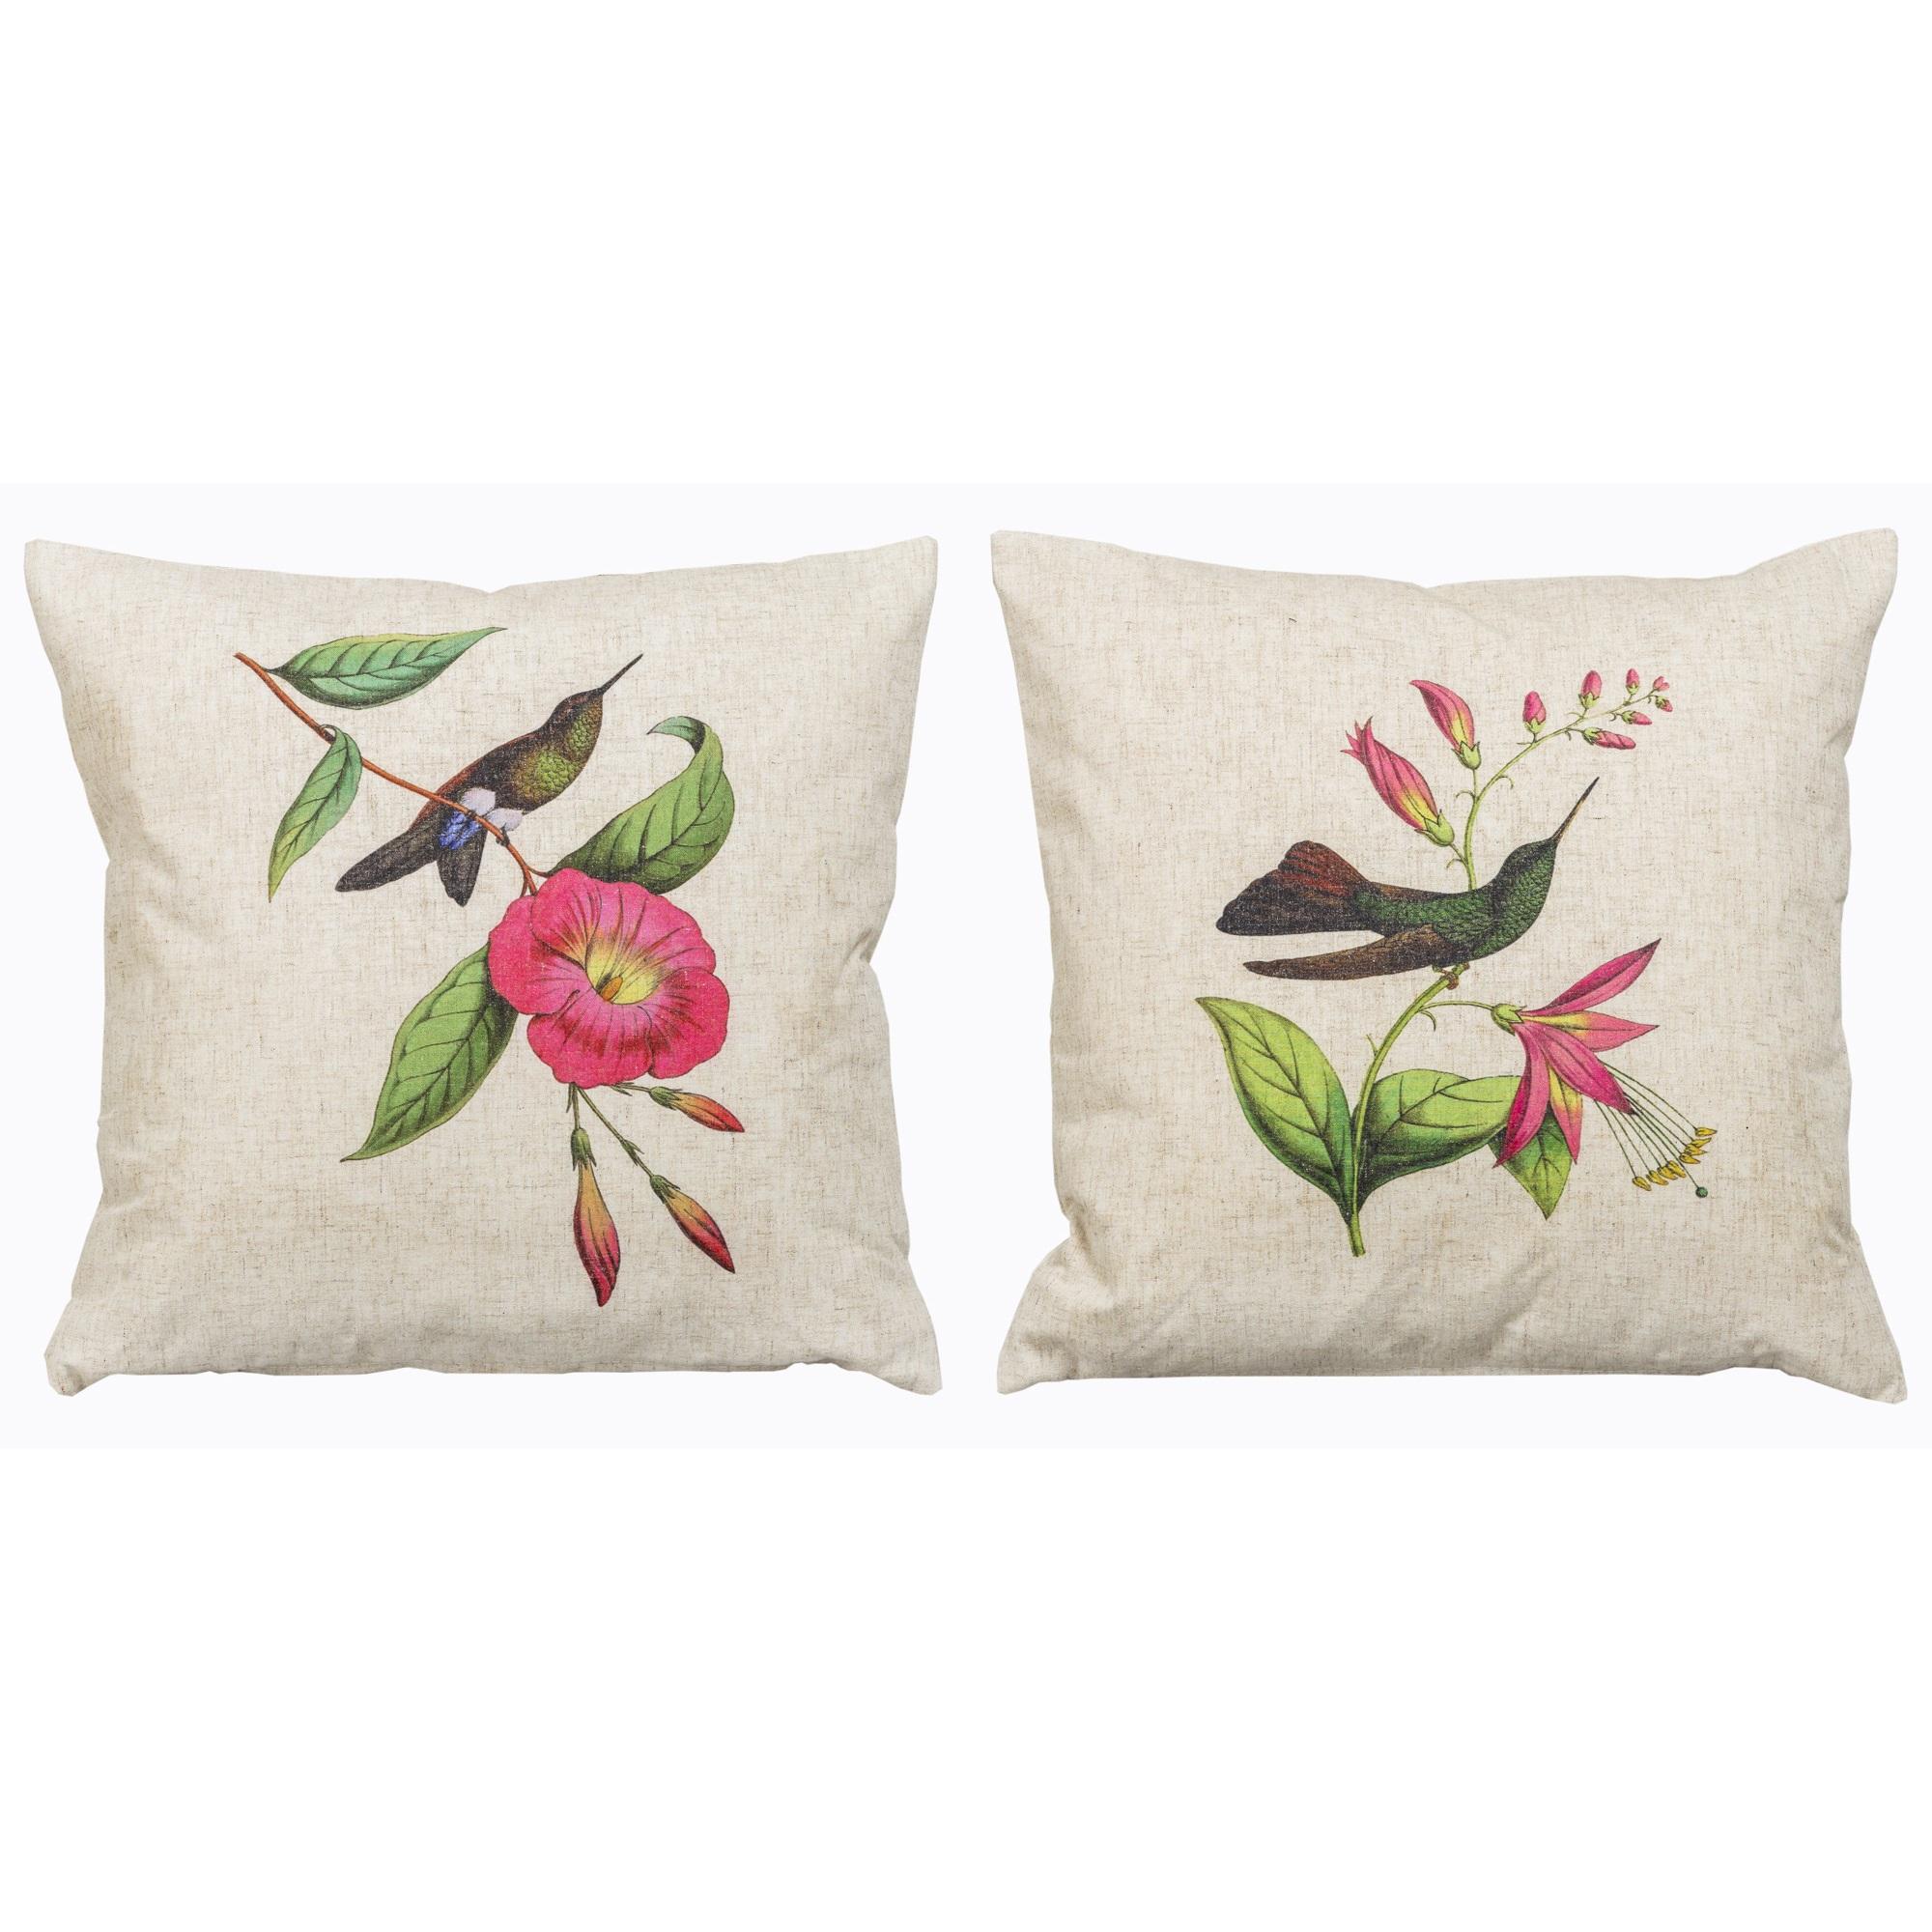 Набор из двух декоративных подушек Птица счастьяКвадратные подушки<br>Интерьер в жанре &amp;quot;прованс&amp;quot; - отрадный покой и уют Вашего дома. Девиз &amp;quot;прованса&amp;quot; - изящество в простоте. Его цветовым инструментом является пастельный светло-бежевый цвет - успокаивающая нега мокрого морского песка, оттененного нежной прохладой лаванды и природной зелени. Цветочный рисунок - гамма гармонии и летней полуденной неги. Настроение - в отборных деталях, сливающихся в единый рисунок, созданный художником словно бы по Вашему индивидуальному заказу.<br>Набор подушек «Птица счастья» уникален: каждый из рисунков выпущен лимитированным тиражом.<br>Плотность ткани обеспечит Вам не только дополнительную мягкость, но и максимальную долговечность любимого аксессуара.<br><br>Material: Лен<br>Width см: 45<br>Height см: 45